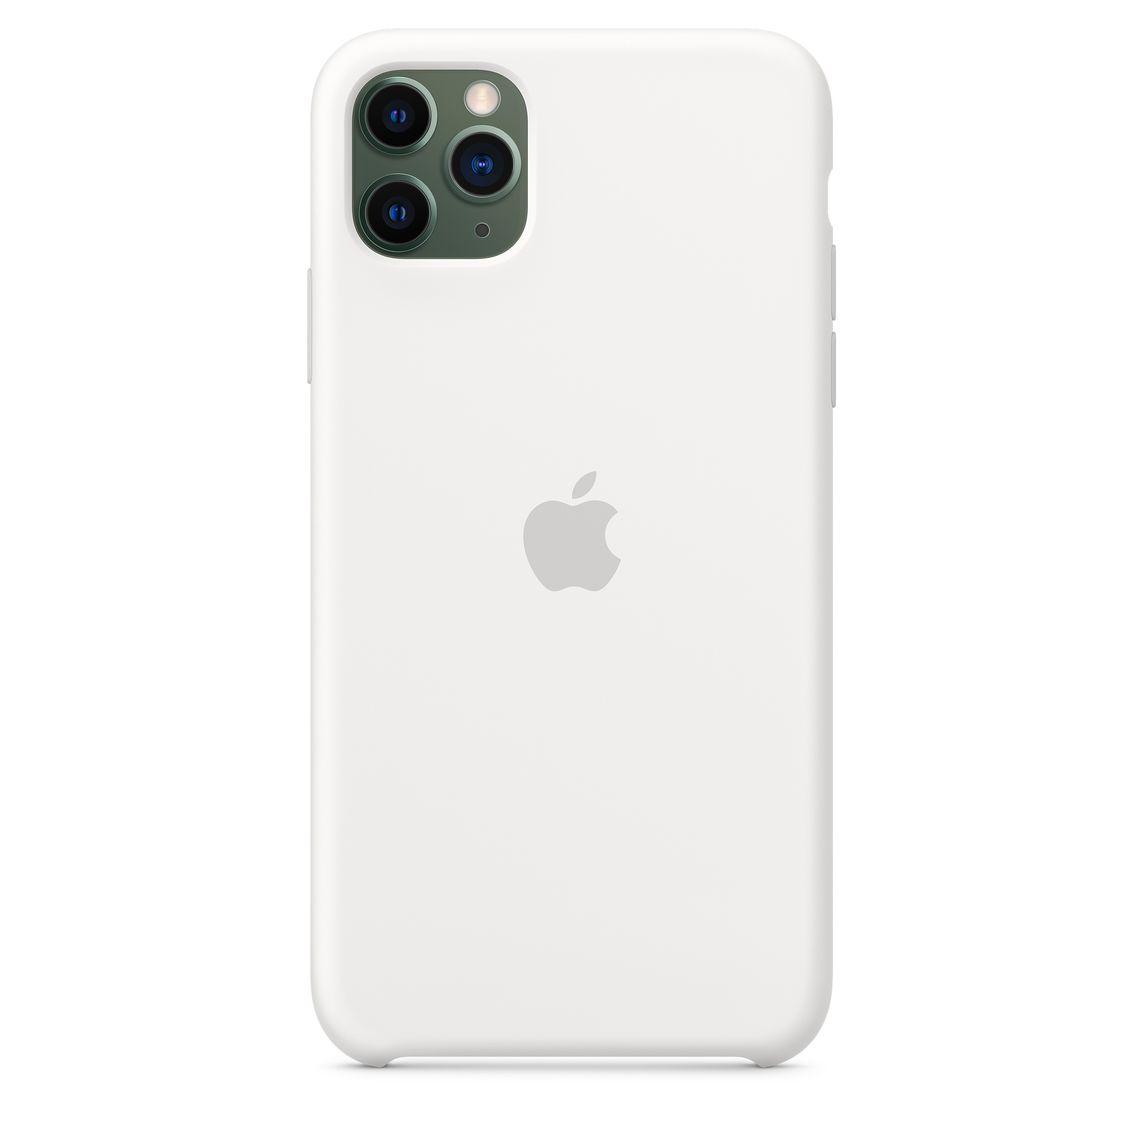 Funda Silicone Case para el iPhone 11 - Negro - Apple (ES)